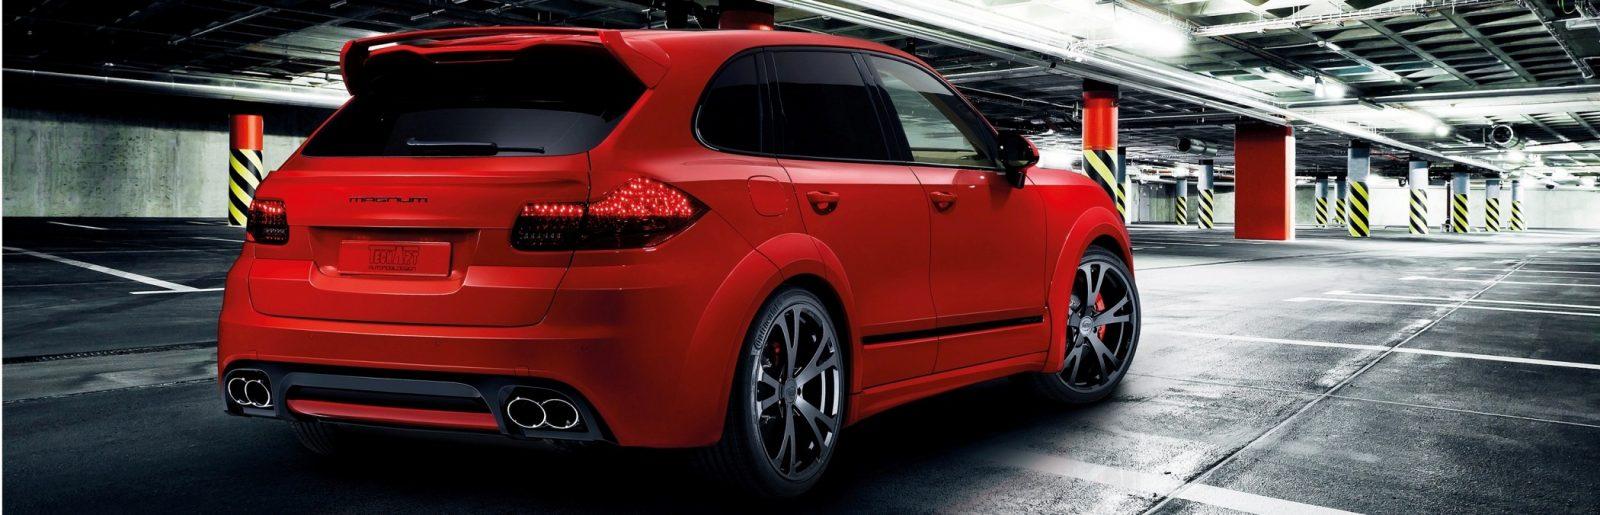 TECHART_Magnum_for_Porsche_Cayenne_models_exterior7